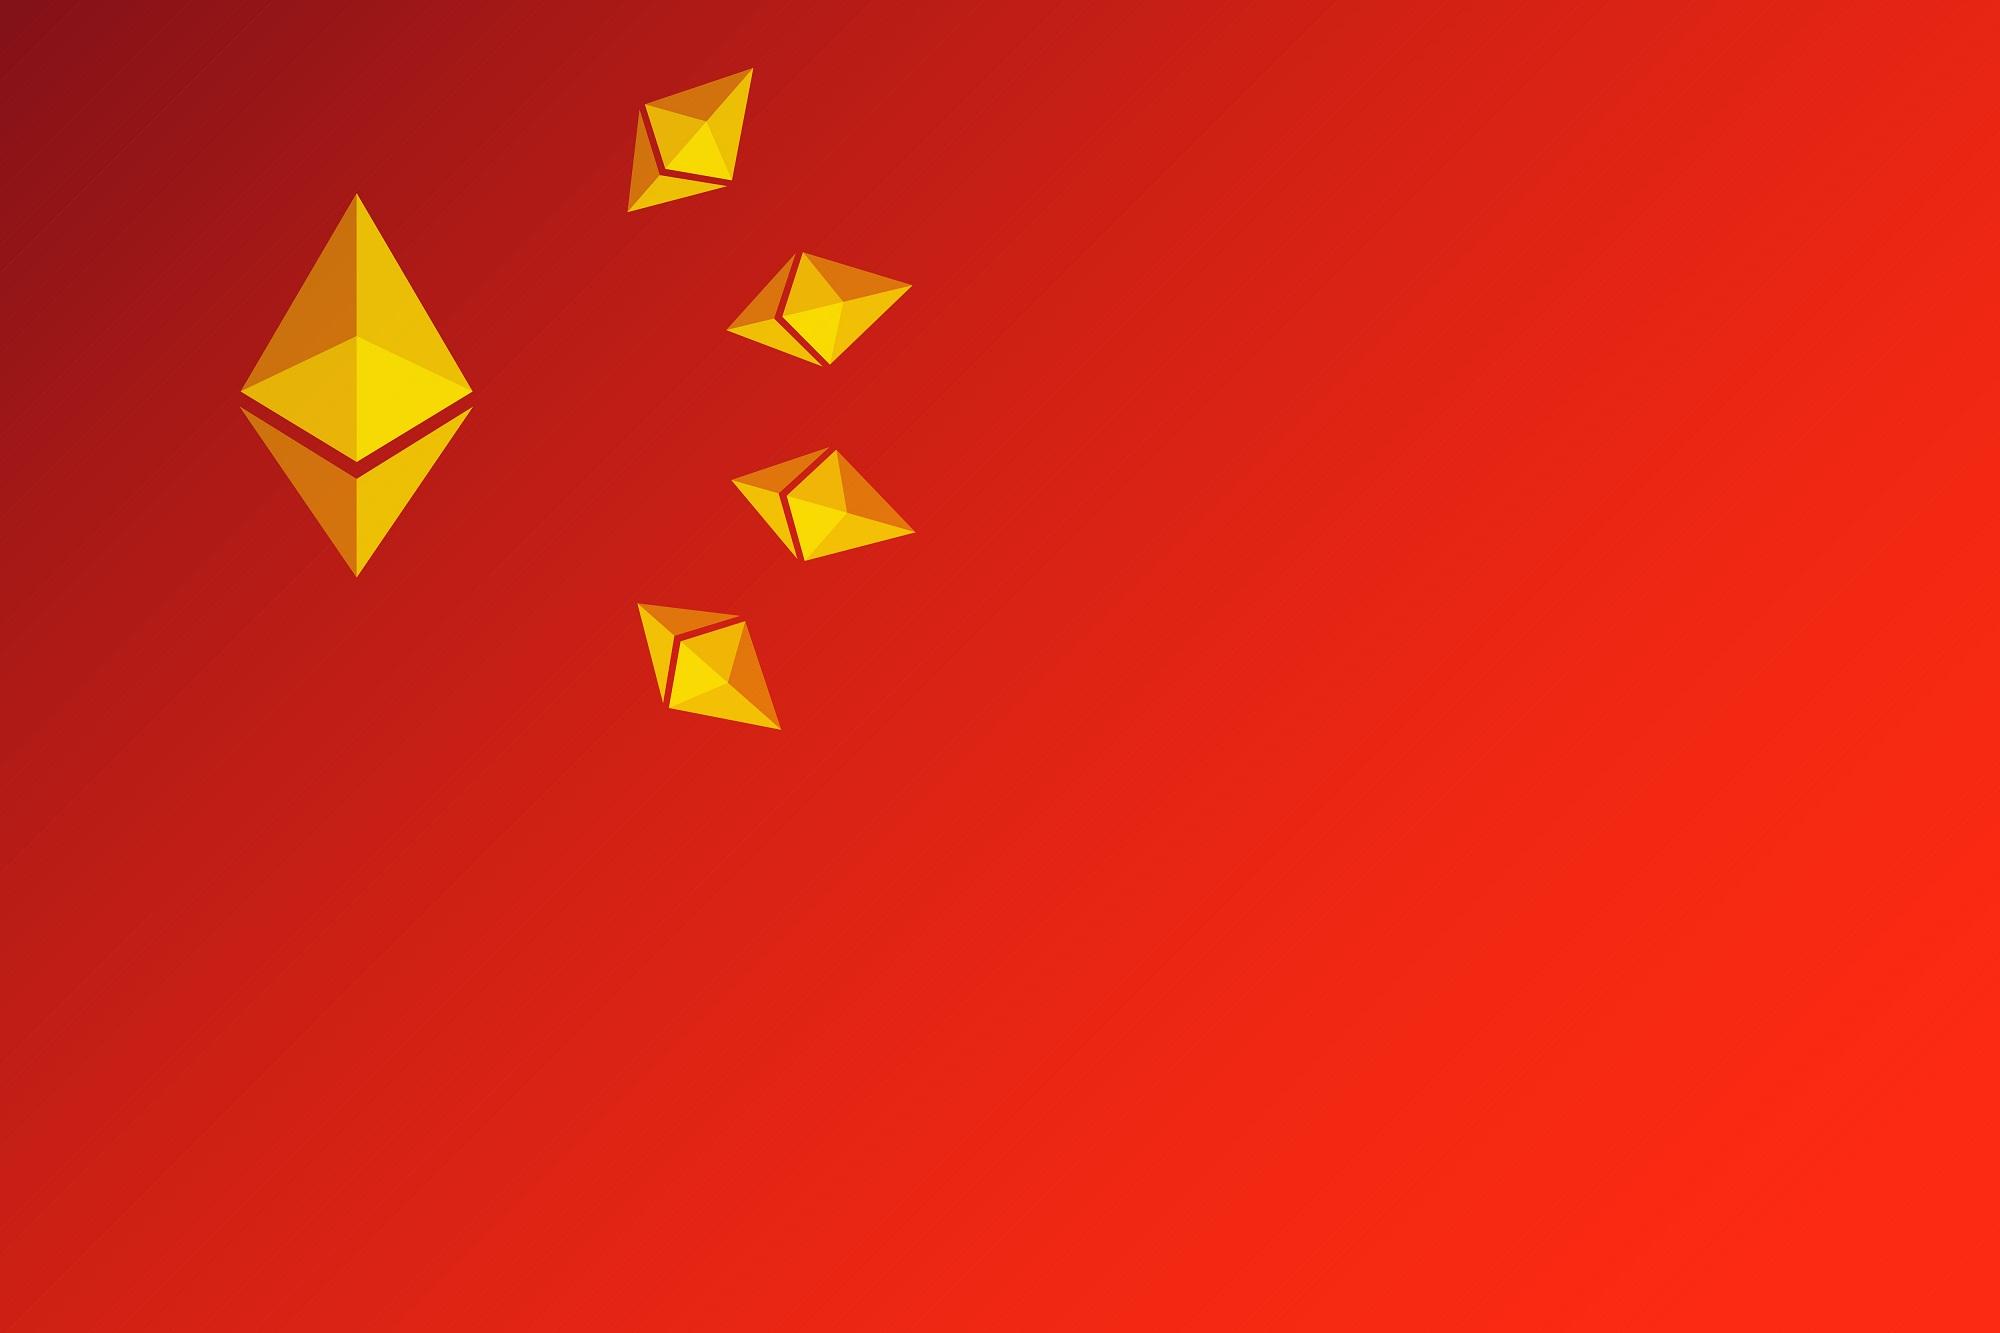 Sốc: Pool đào Ethereum hàng đầu Trung Quốc tuyên bố dừng mọi hoạt động